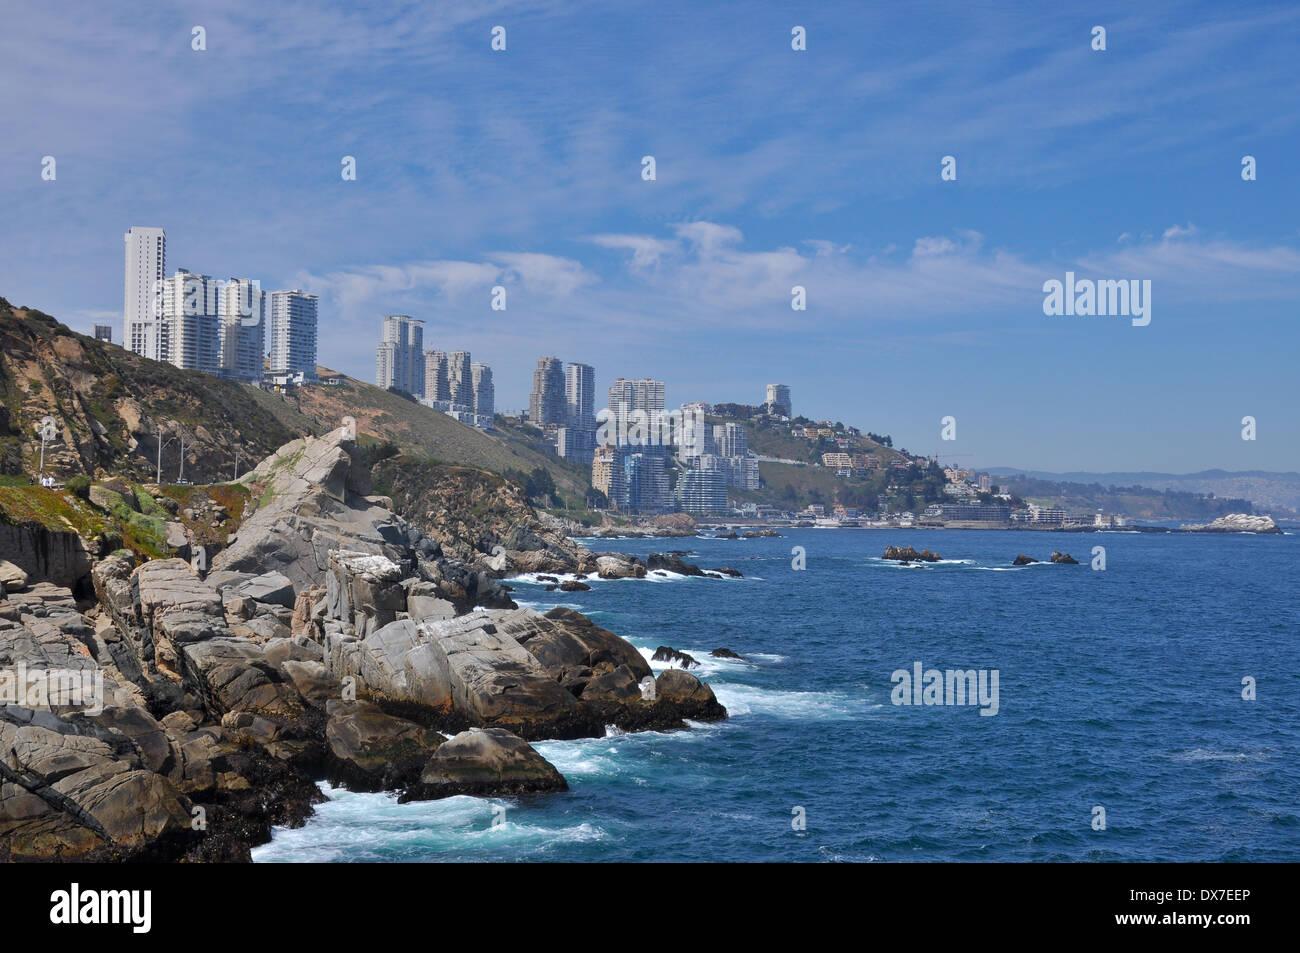 Vina del Mar, Chile - Stock Image